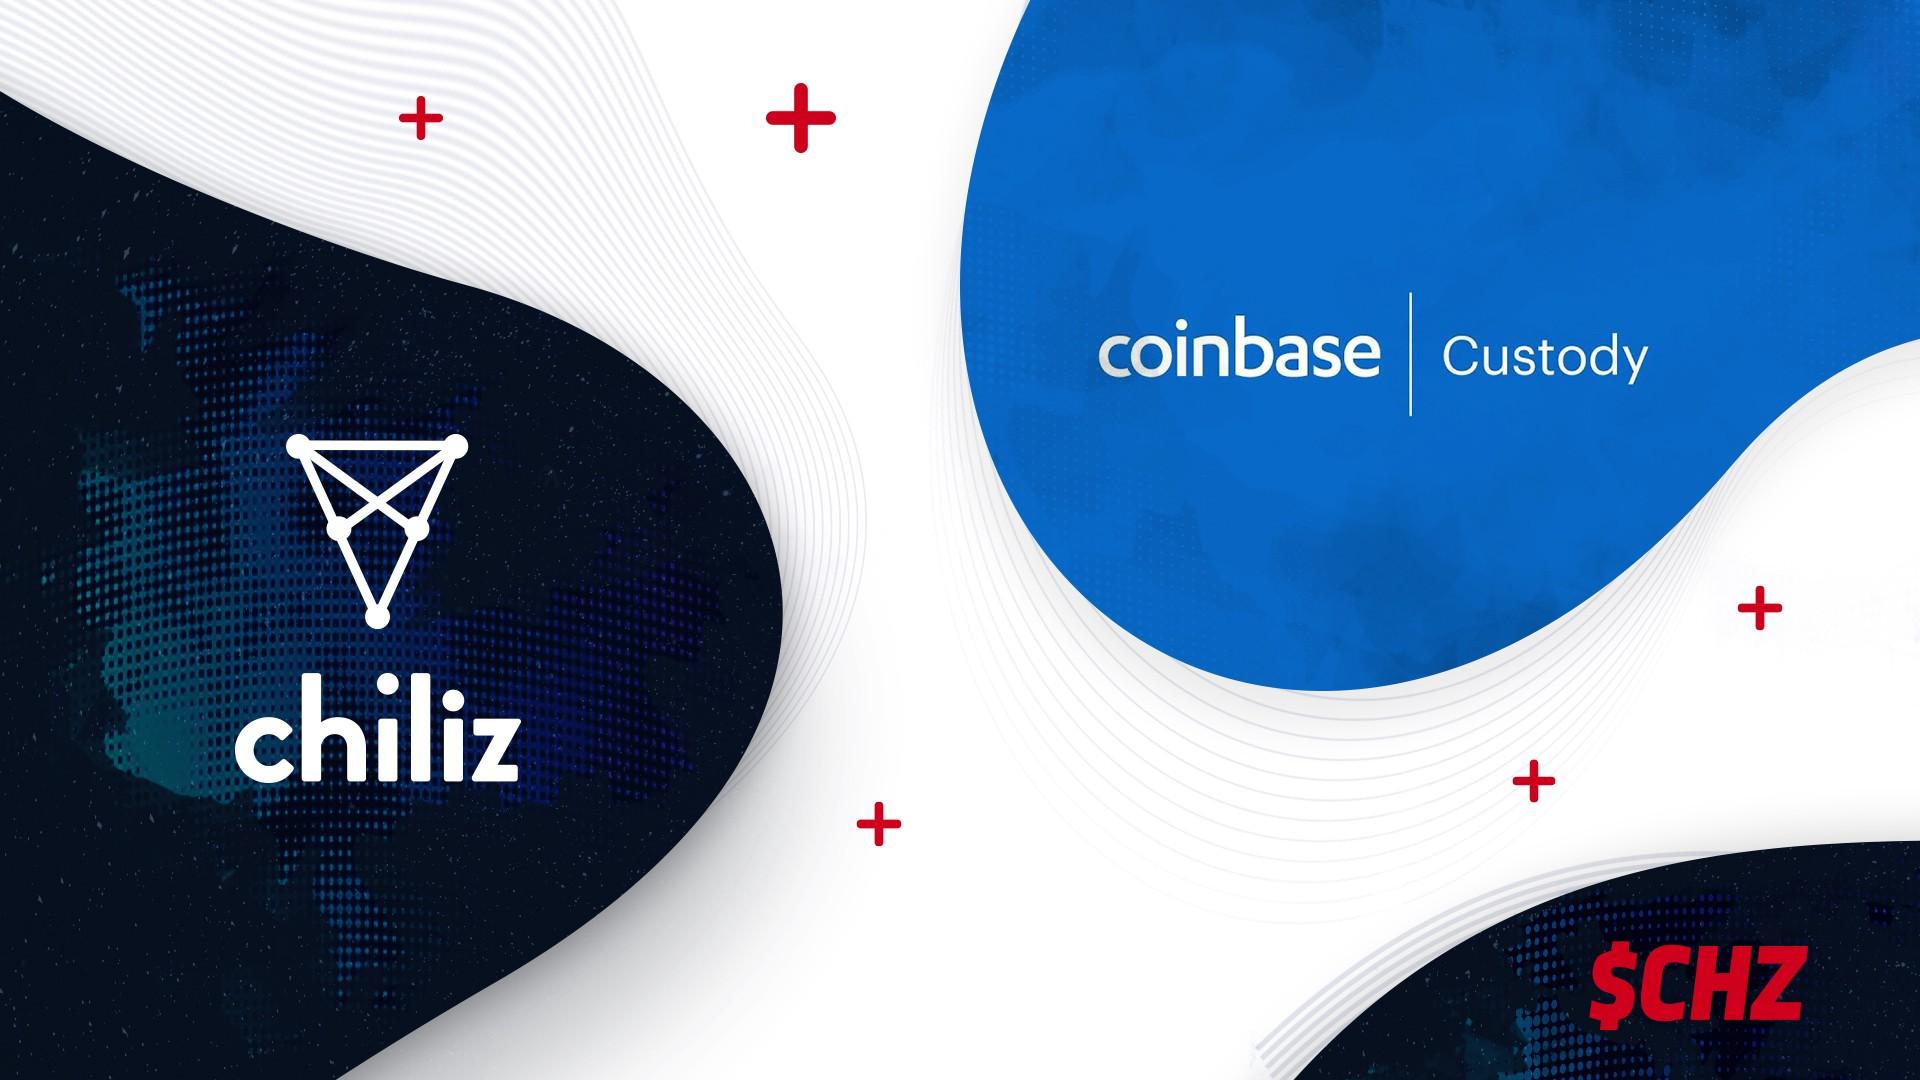 El token nativo de la firma Chiliz tendrá soporte en la plataforma de custodia de Coinbase